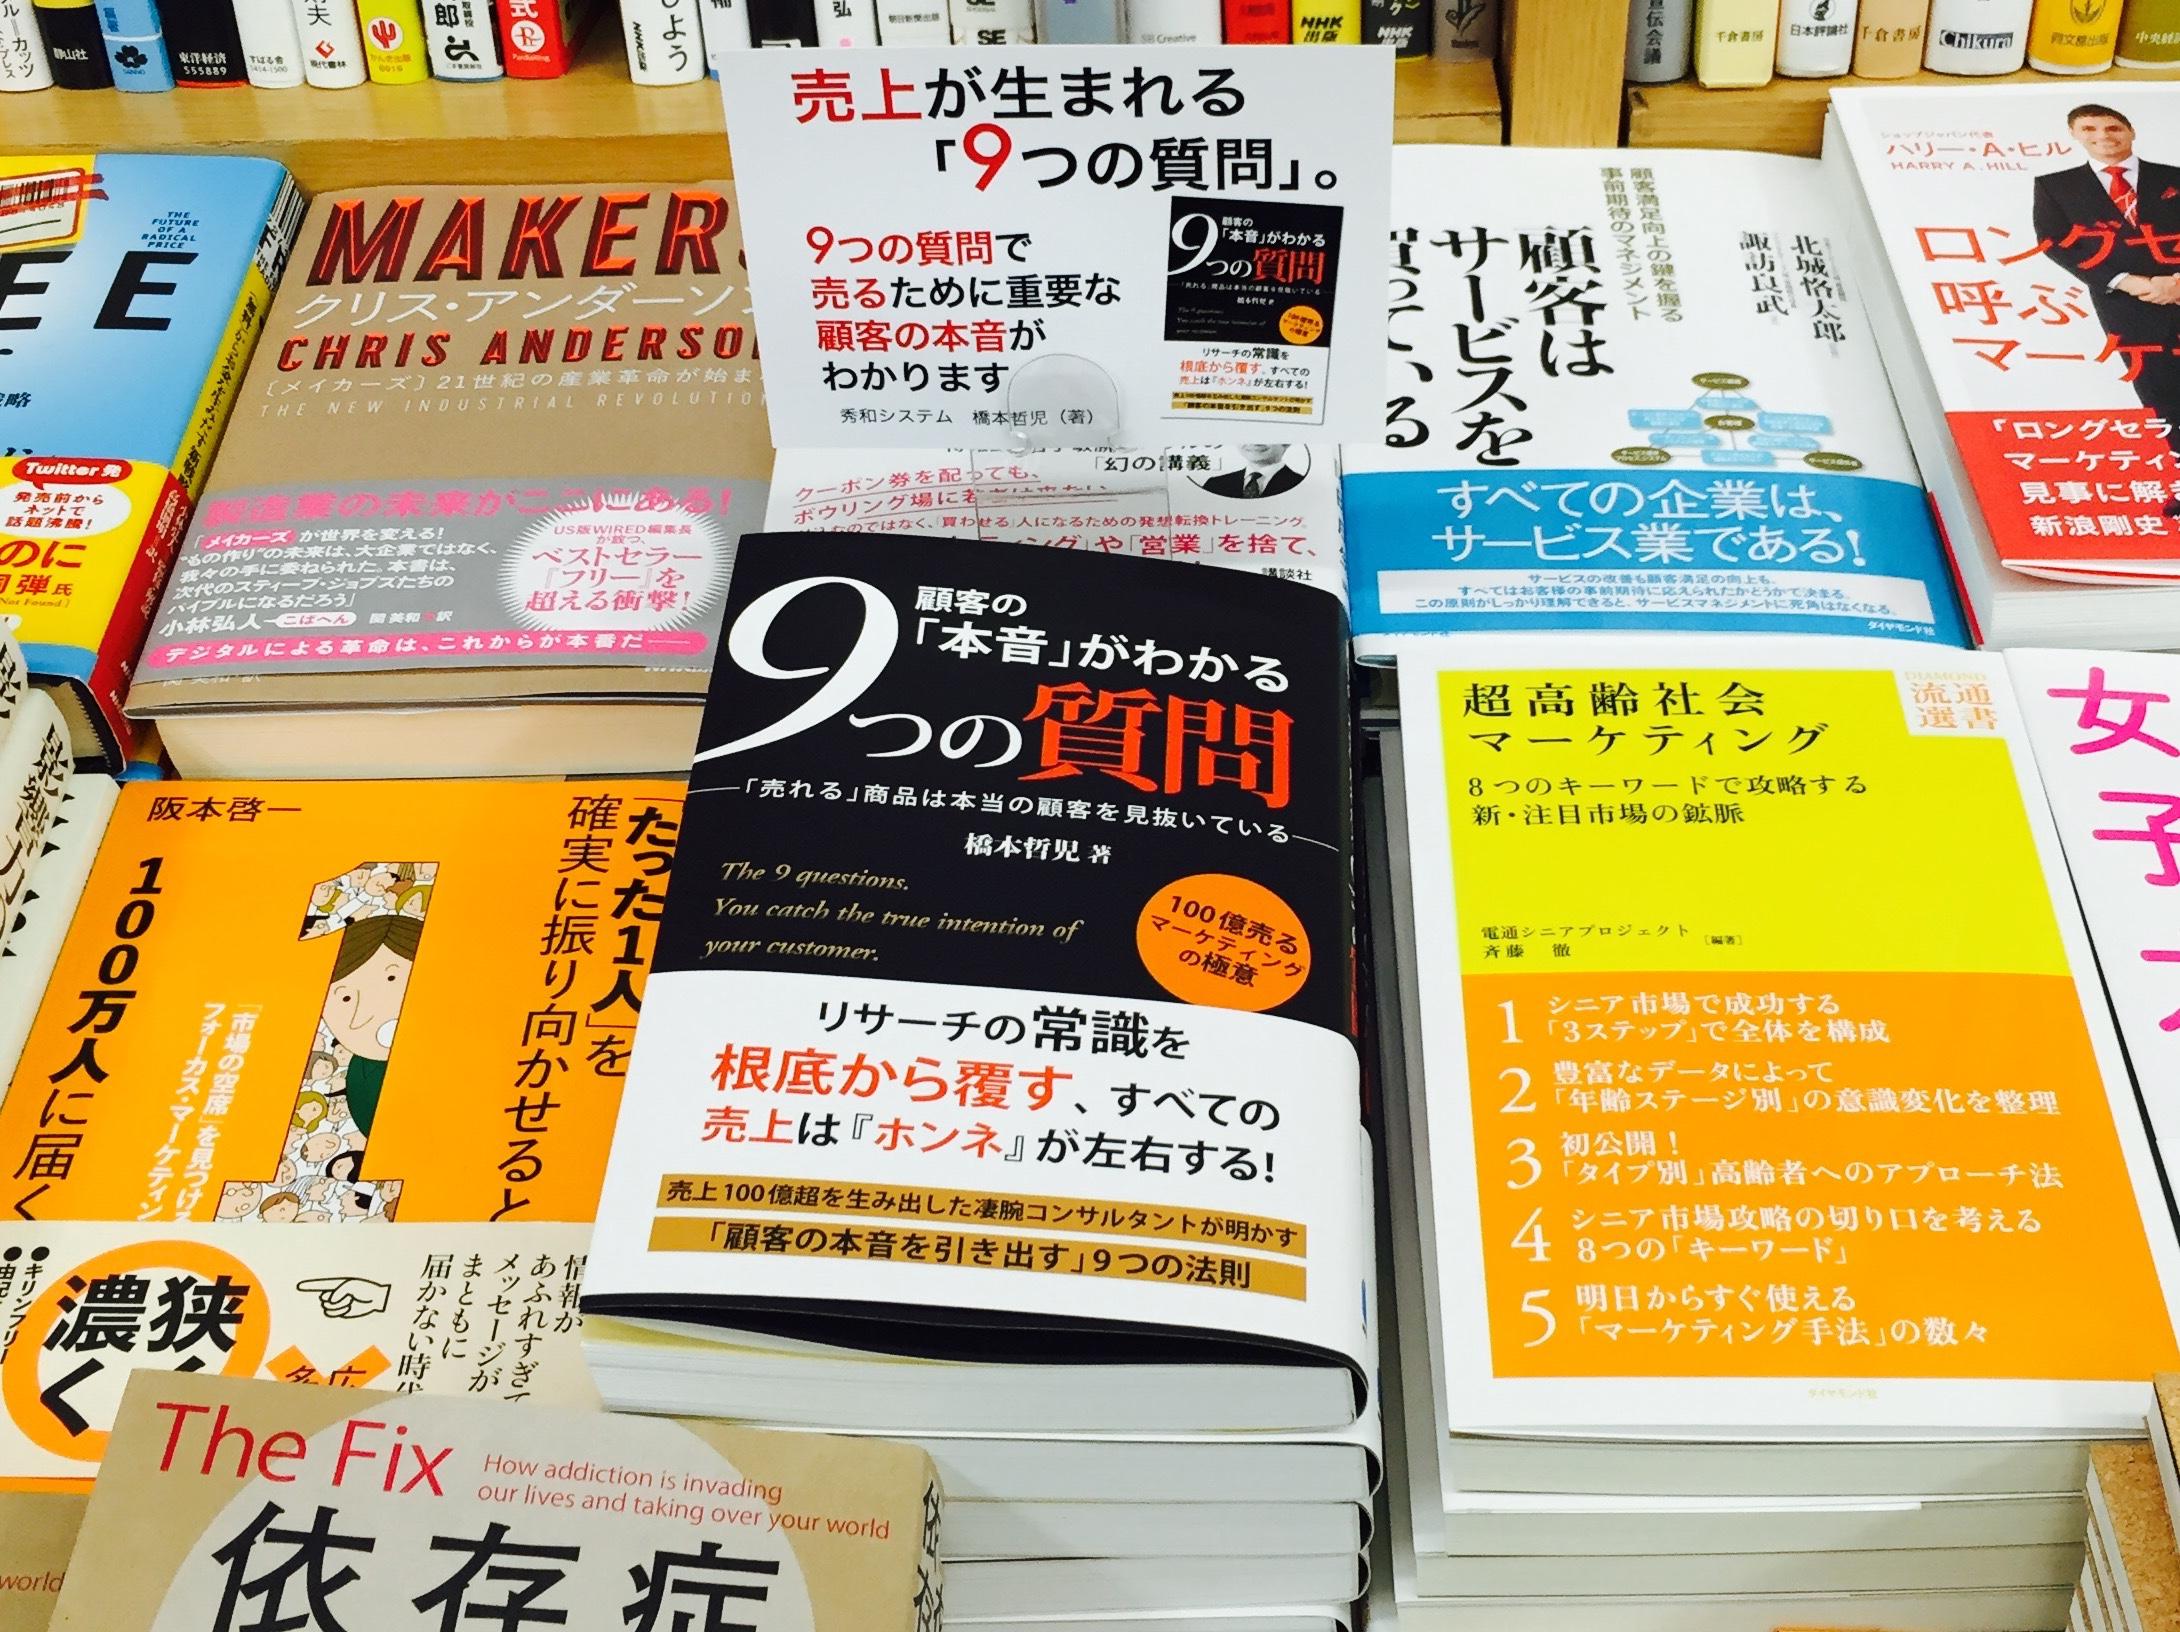 9questionbookstore1